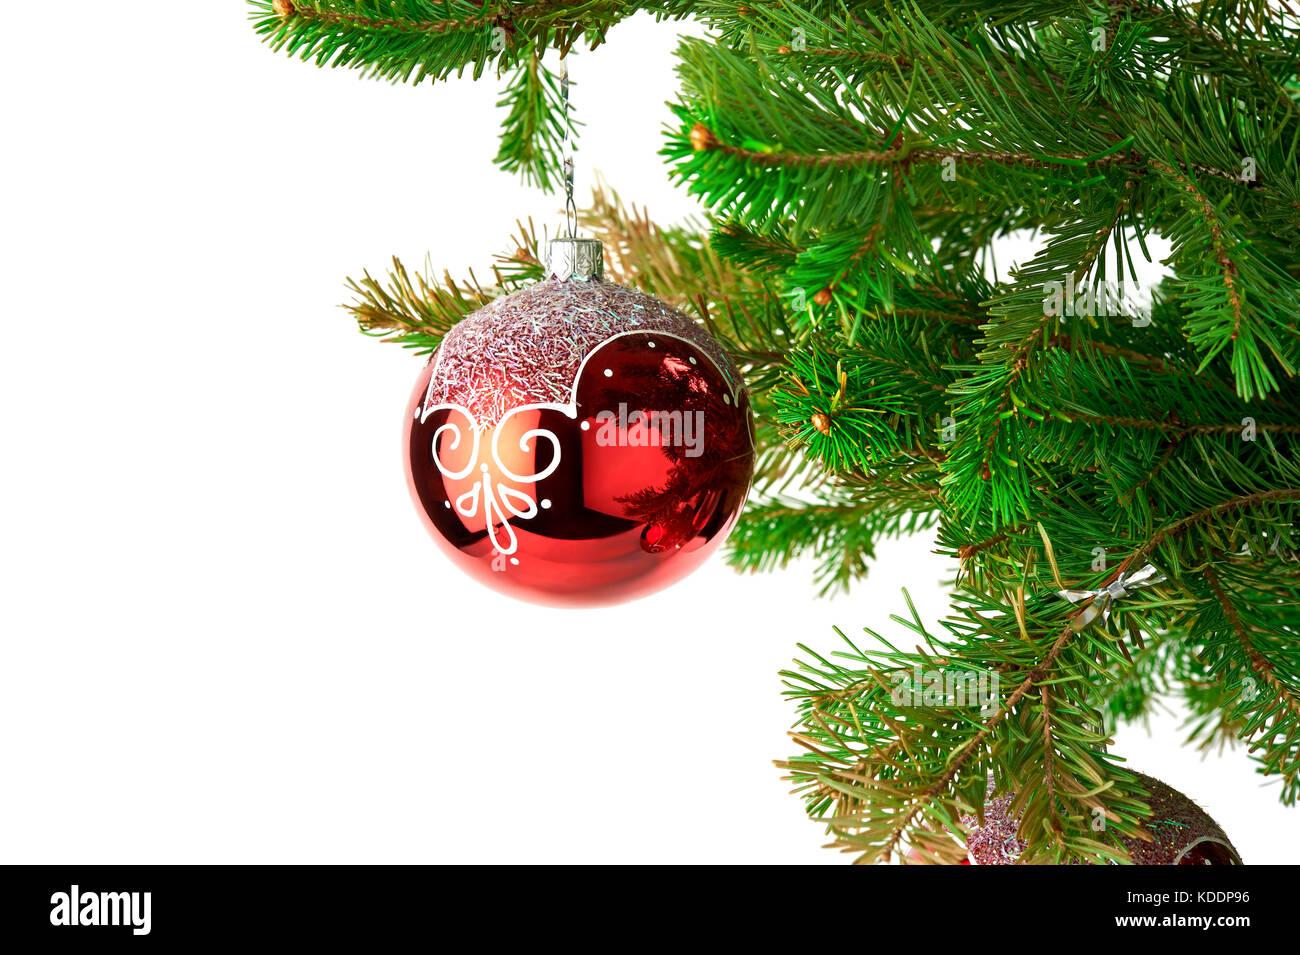 Kugel Für Tannenbaum.Weihnachten Hintergrund Mit Tannenbaum Zweige Und Rote Dekoration